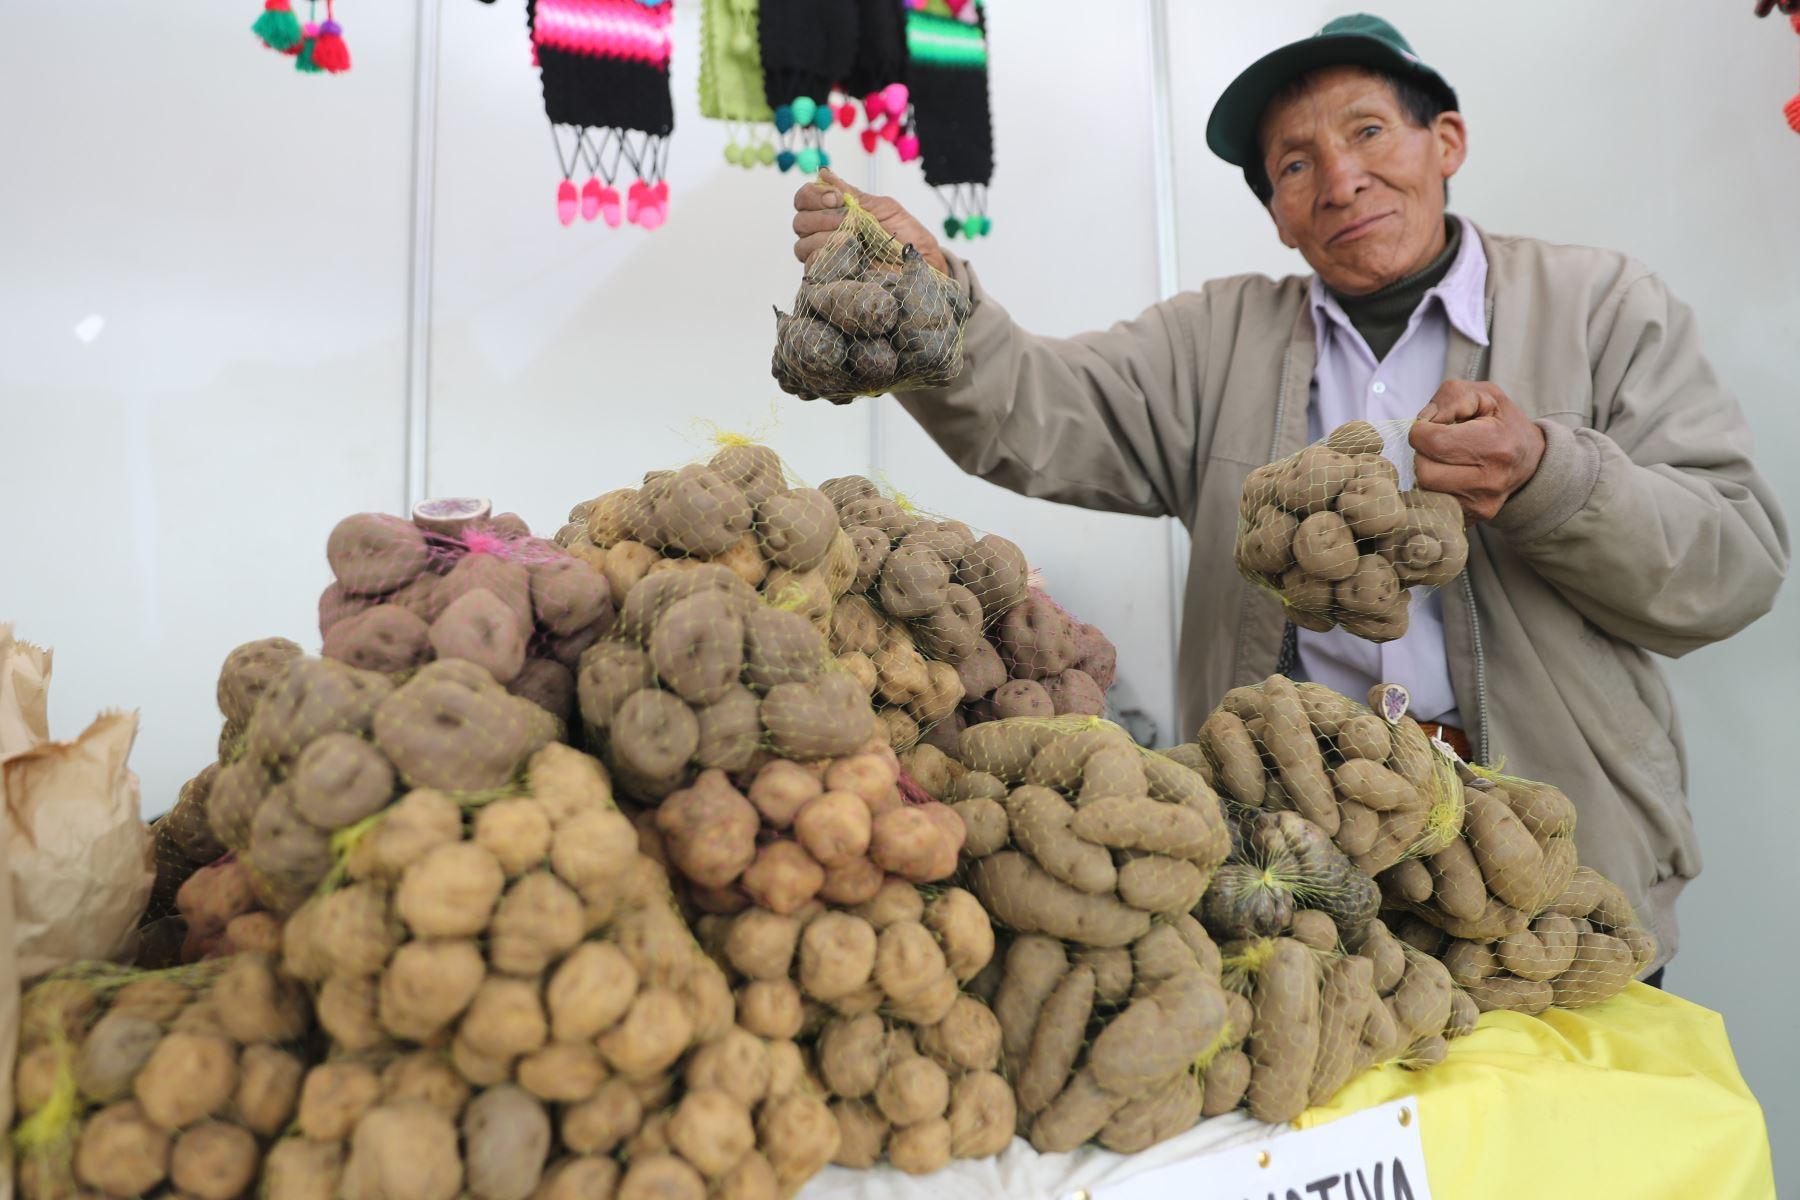 Ministerios de Agricultura y del Ambiente organizan el Festival Nacional de la Biodiversidad donde participan  productores de varias zonas del país, con más de 500 variedades de papas, así como semillas, frutos, ajíes, etc.